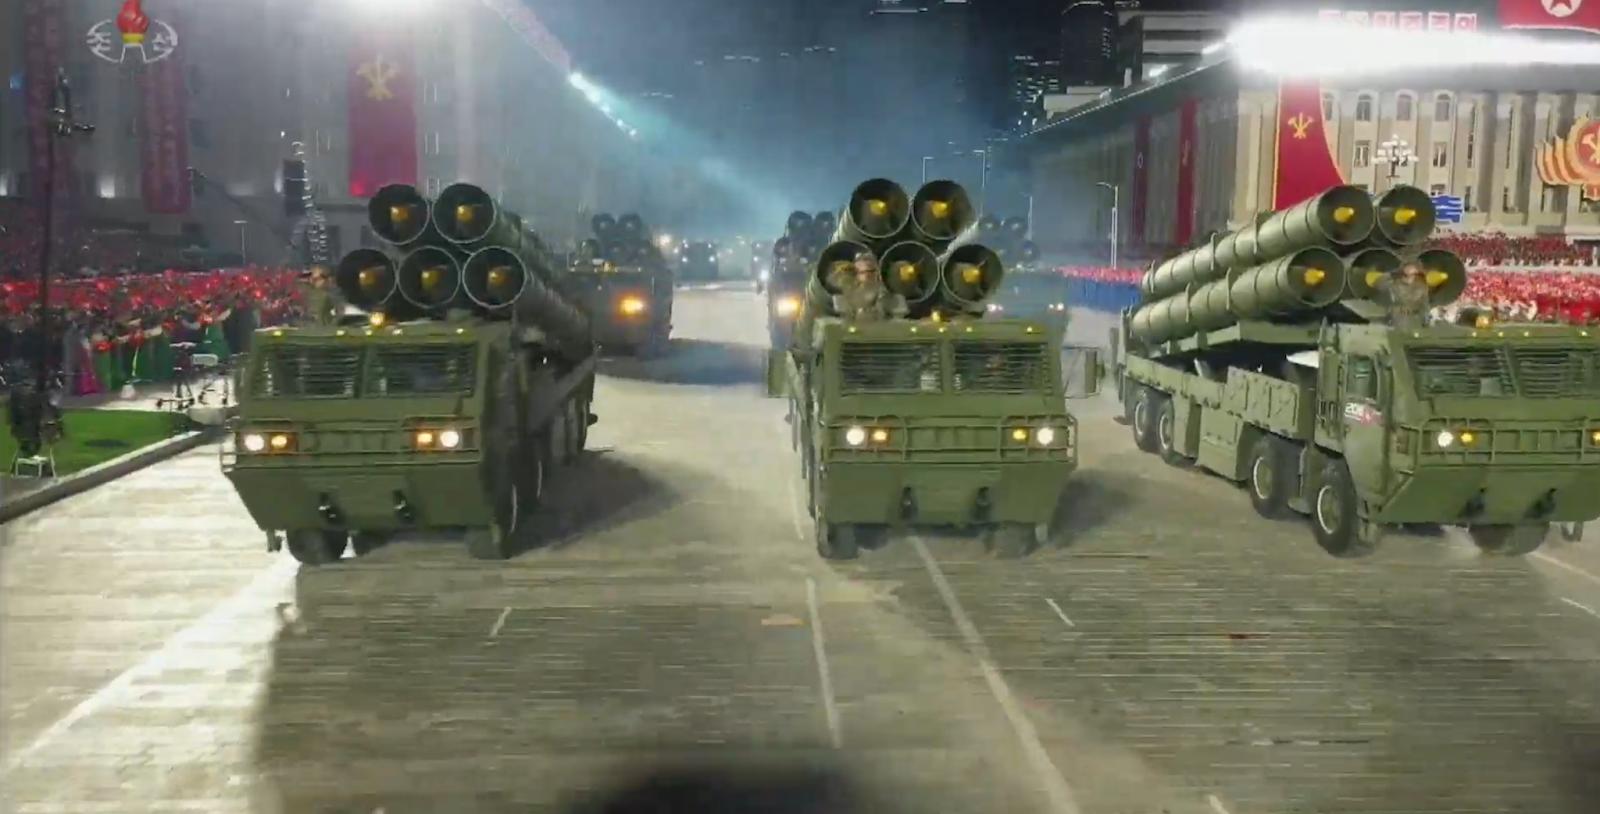 Північна Корея влаштувала перший за останні роки військовий парад